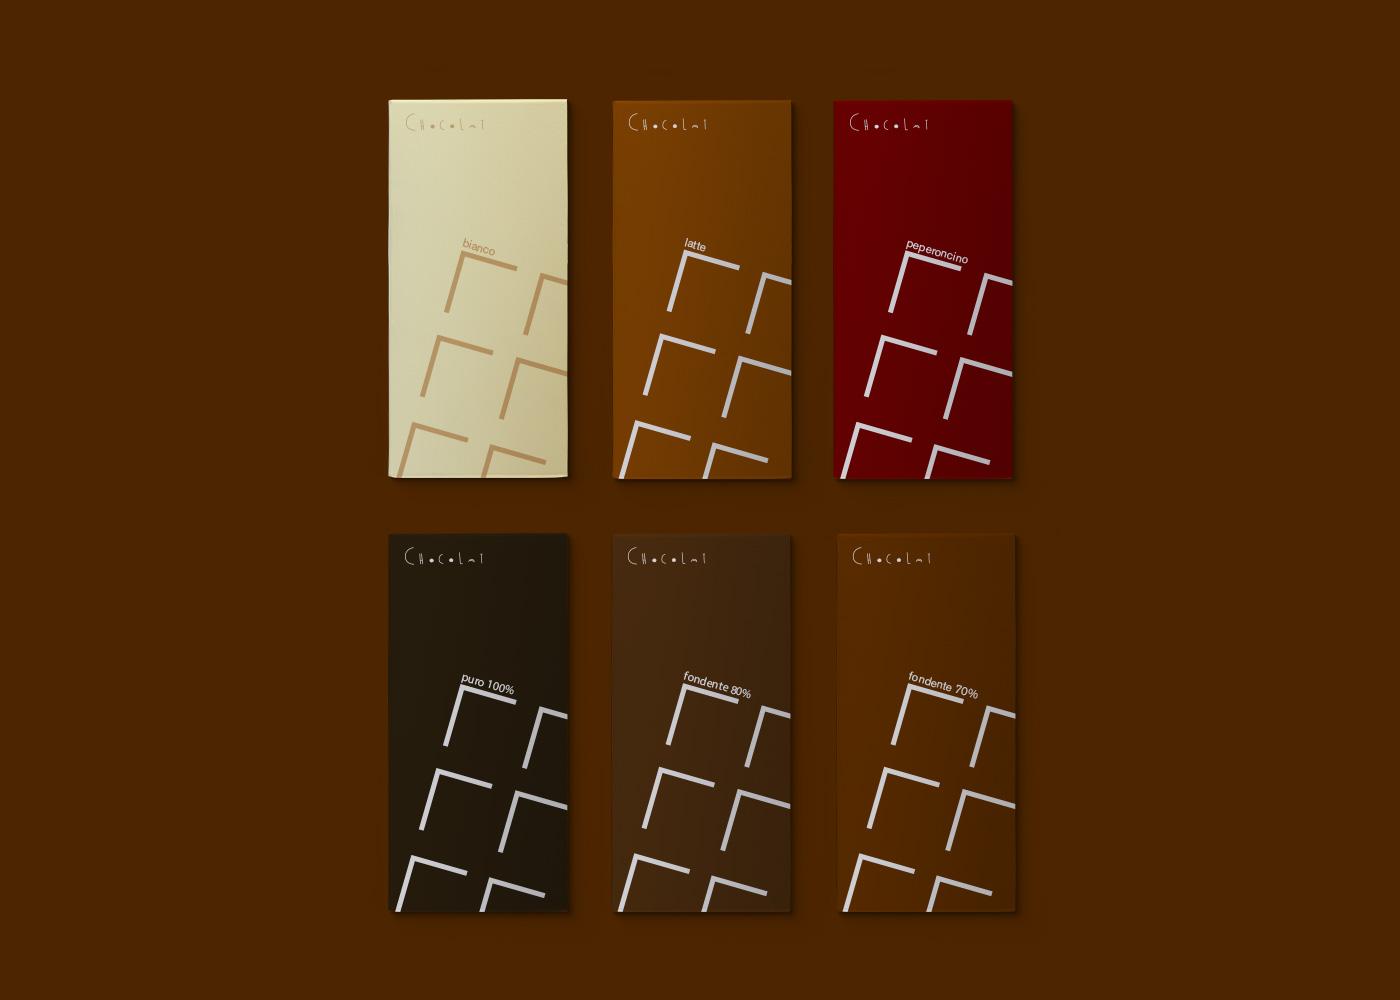 chocolat_all